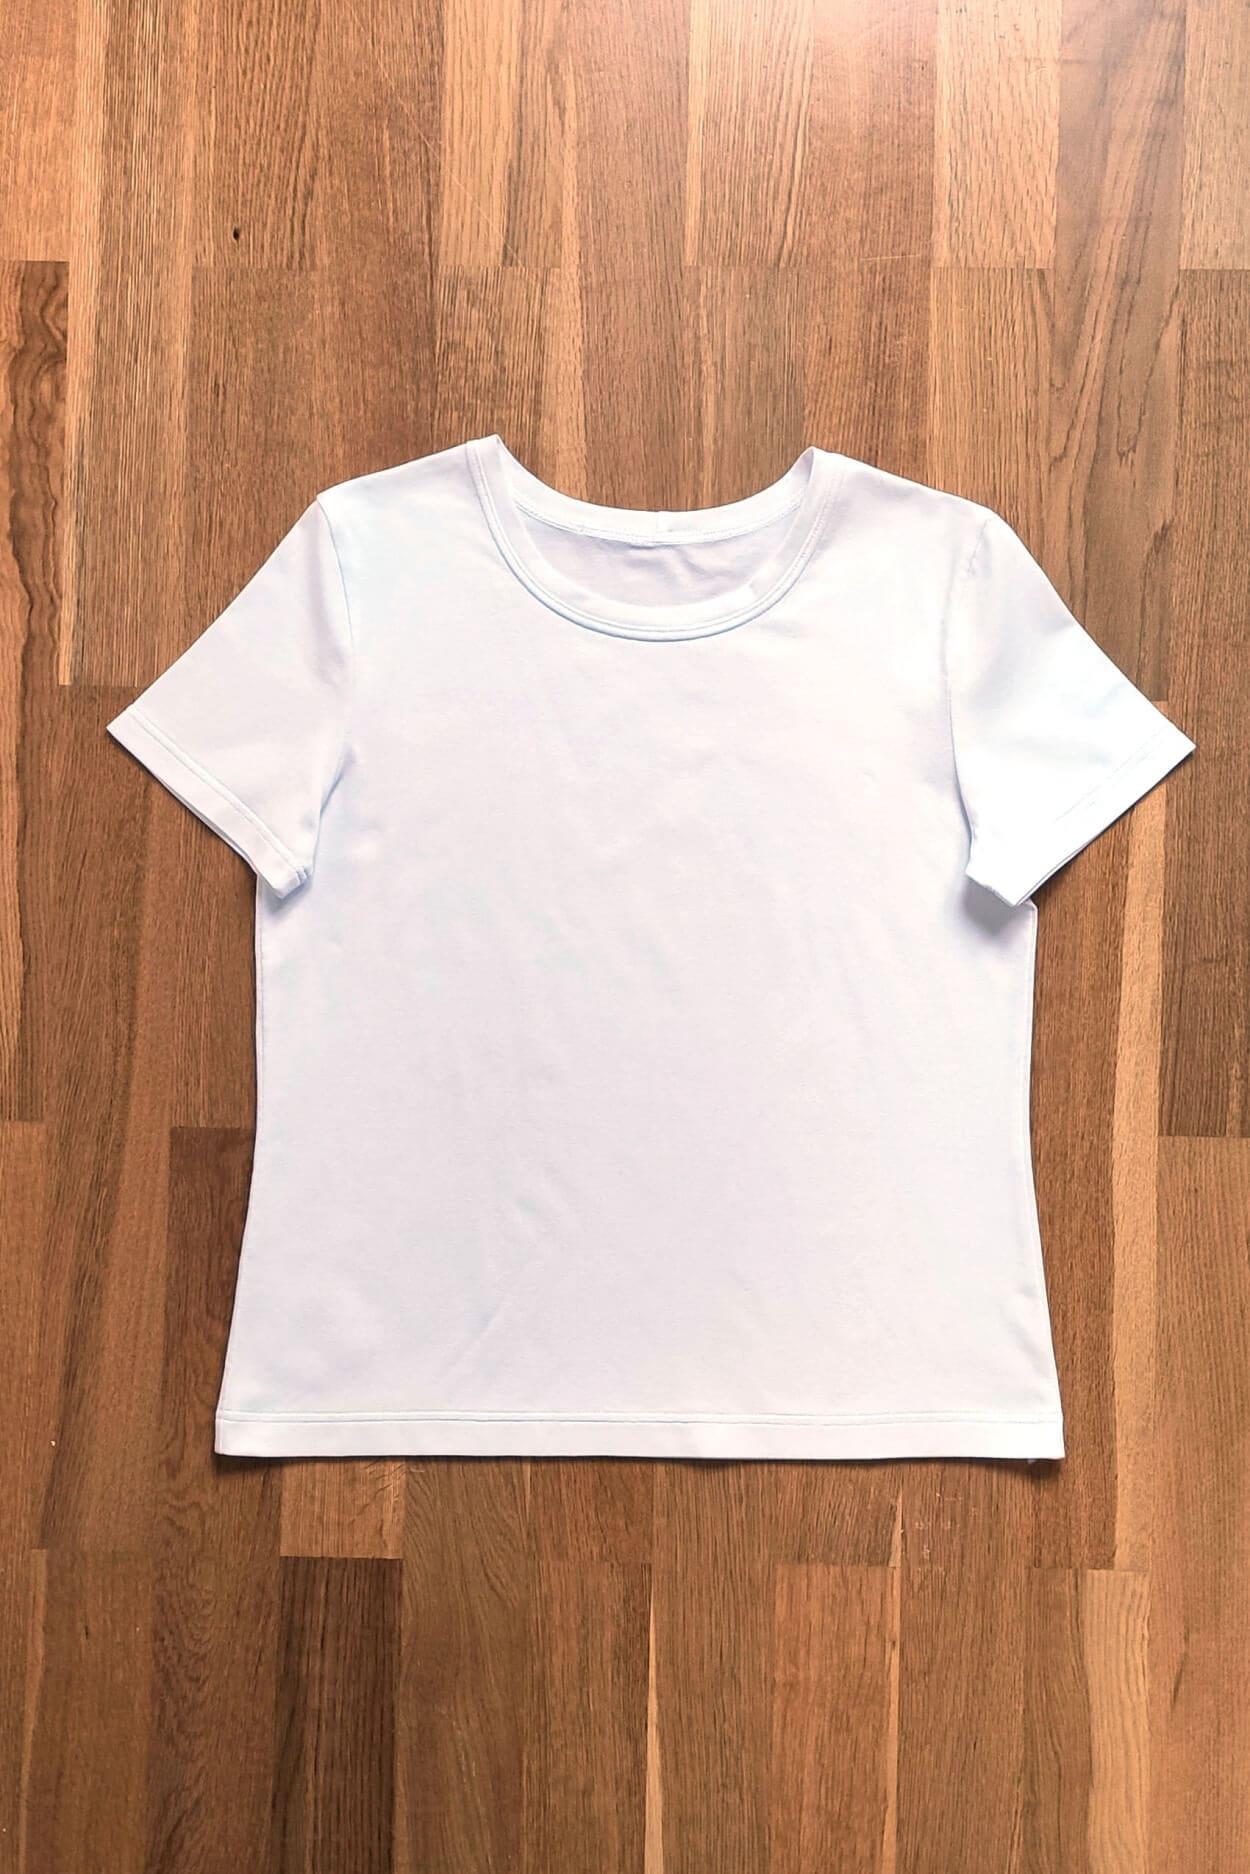 Schnittmuster T-Shirt gratis zum herunterladen